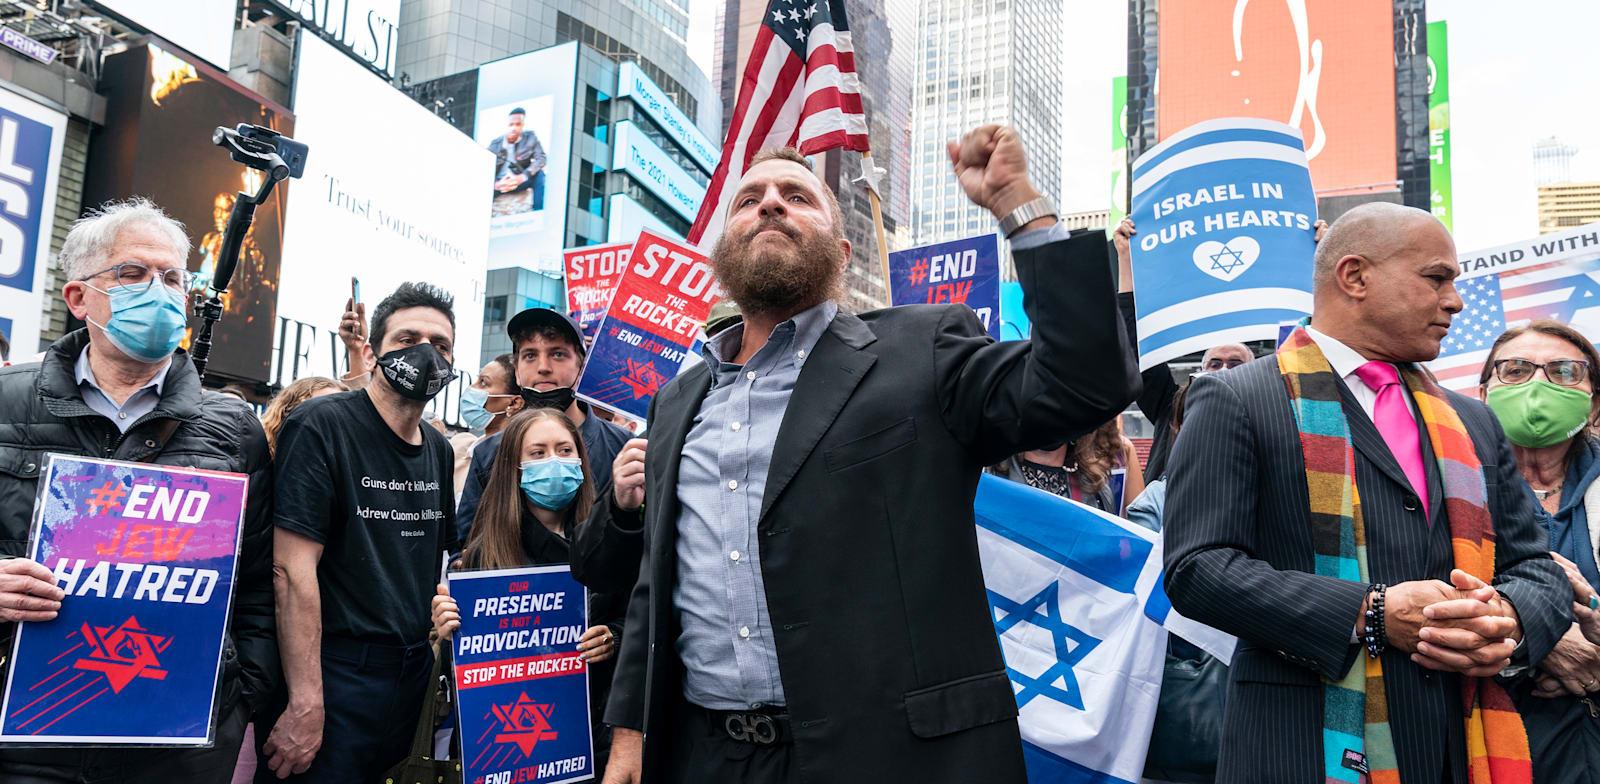 הפגנה פרו־ישראלית בכיכר טיימס בניו יורק, בשבוע שעבר / צילום: Reuters